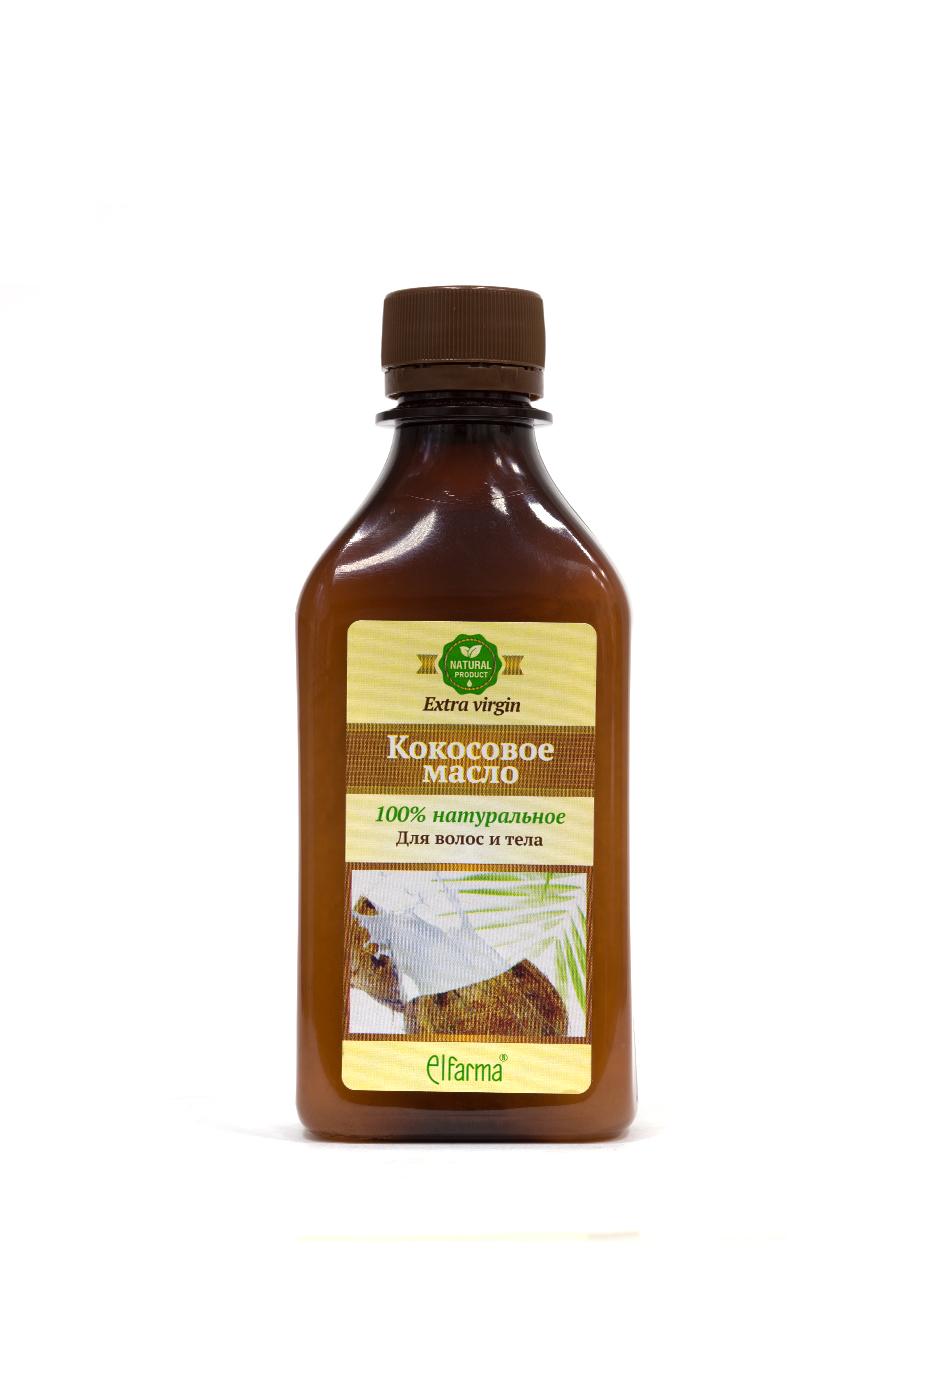 ELFARMA Масло косметическое кокосовое / Elfarma 250млМасла<br>Великолепное средство ухода для кожи и волос.Способствует сохранению молодости и здоровья вашей кожи и волос. Увлажняет, активно питает и смягчает кожу, оказывая противовоспалительное действие. Защищает кожу от разрушительных внешних факторов, в том числе от ультрафиолетовых лучей, бактерий, вирусов, пыли и различных загрязнений, замедляет образование морщин. Создавая устойчивый защитный слой на коже, способствует красивому ровному загару. Защитный слой масла на волосах защищает структуру волоса от набухания и различных механических повреждений. Благотворно влияет на психологическое самочувствие, снимая стресс и усталость. Способ применения: Аромалампы: до 5 капель на 15 кв. м. площади. Аромамедальоны: 1-2 капли Аромарасчесывание: наносить масло на зубцы расчески. Ванны: 3-5 капель. Массаж: до 10 капель на 10 мл растительного масла   основы. Сауны, бани: 5-7 капель на 1 сеанс. Обогащение косметических средств: 5-6 капель на 10 мл основы. Косметический лед: 5 капель смешать с 1 чайной ложкой меда и растворить в 200 мл воды, заморозить, протирать лицо, шею, зону декольте. Специальные указания: только для наружного применения. Противопоказания: индивидуальная непереносимость компонентов масла, избегать попадания в глаза, не рекомендуется использование массажного масла перед принятием солнечных ванн из-за возможной фотсенсибилизации. Способ хранения: в темном месте, в плотно закрытых флаконах при комнатной температуре в недоступном для детей месте. Активные ингредиенты: 100% кокосовое масло экстра-класса VIRGIN нерафинированное.<br><br>Класс косметики: Косметическая